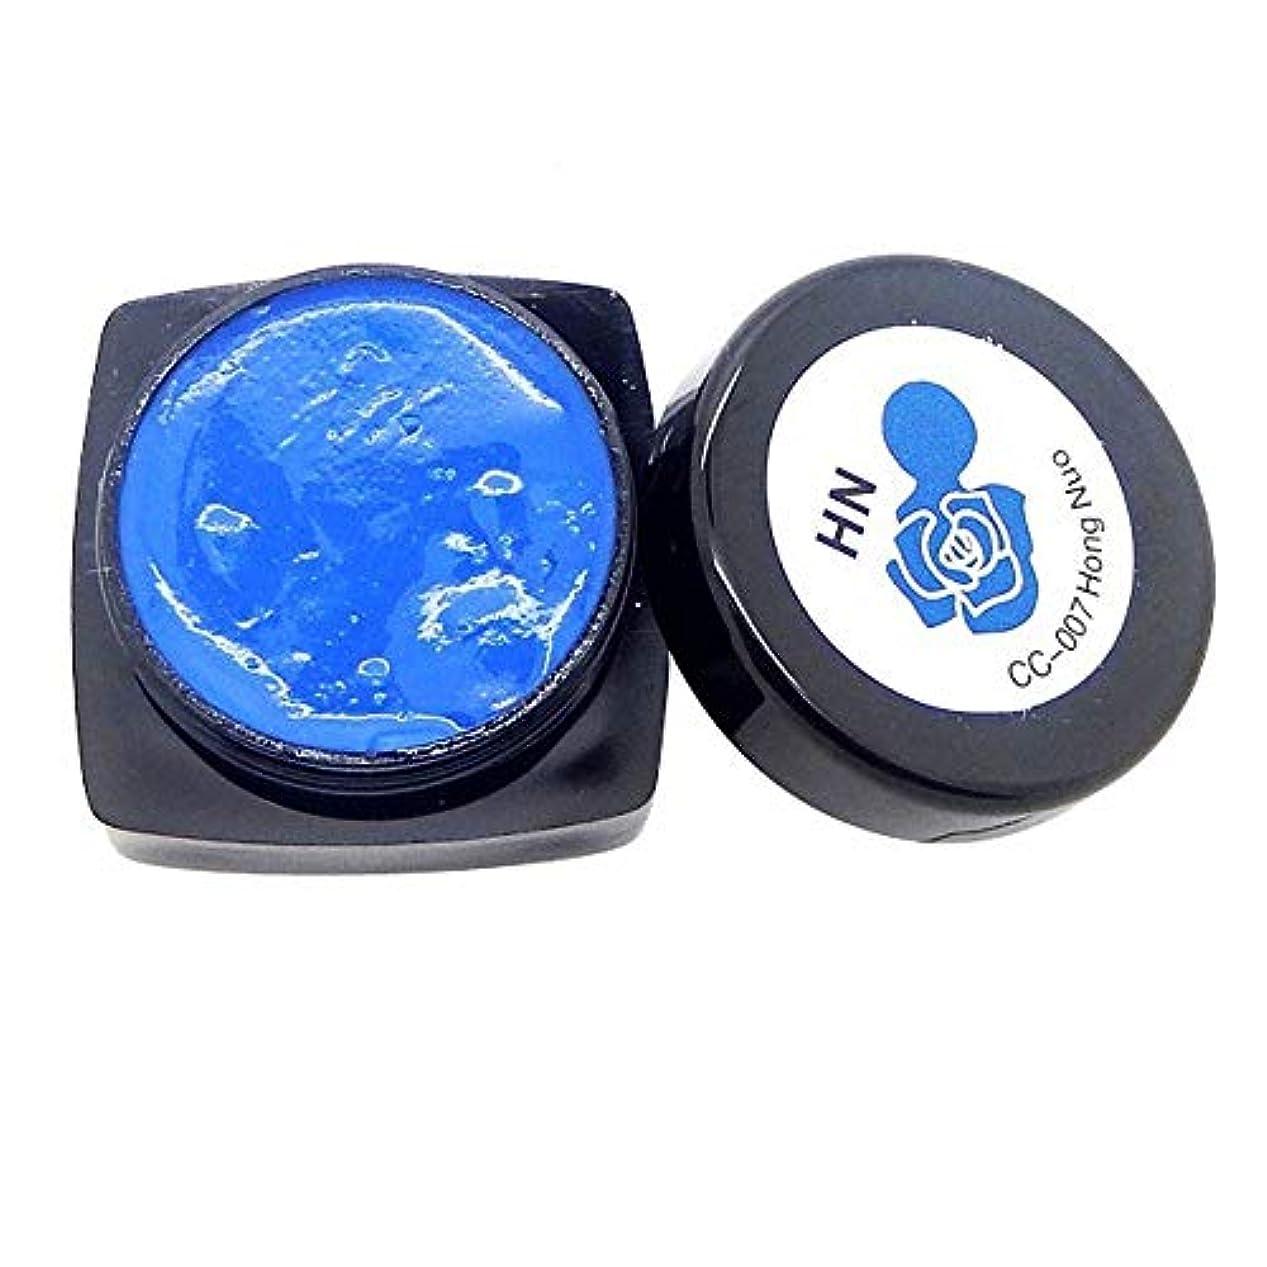 文房具俳優離すLazayyii 3D UV彫刻 マニキュアデコレーション ジェルカラーネイルアートチップクリエイティブ (G)